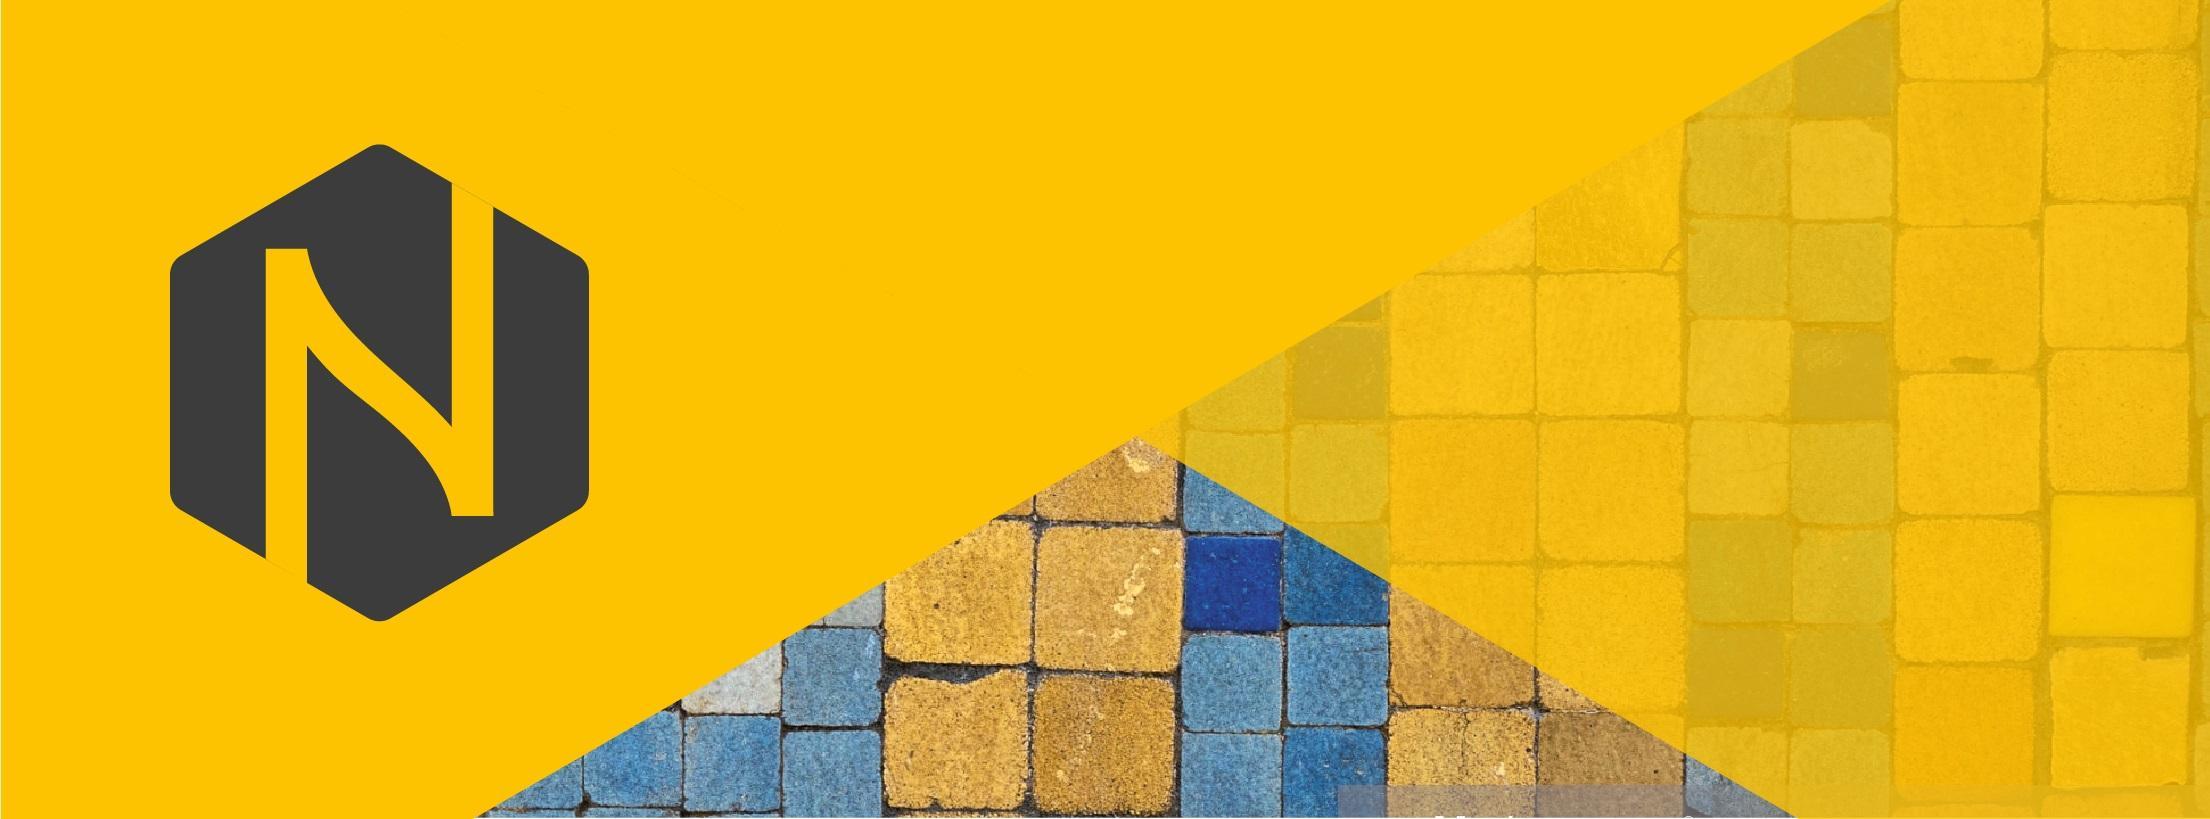 Avis Nicoka SIRH : SIRH simple, complet et adaptable pour TPE, PME et ETI - Appvizer